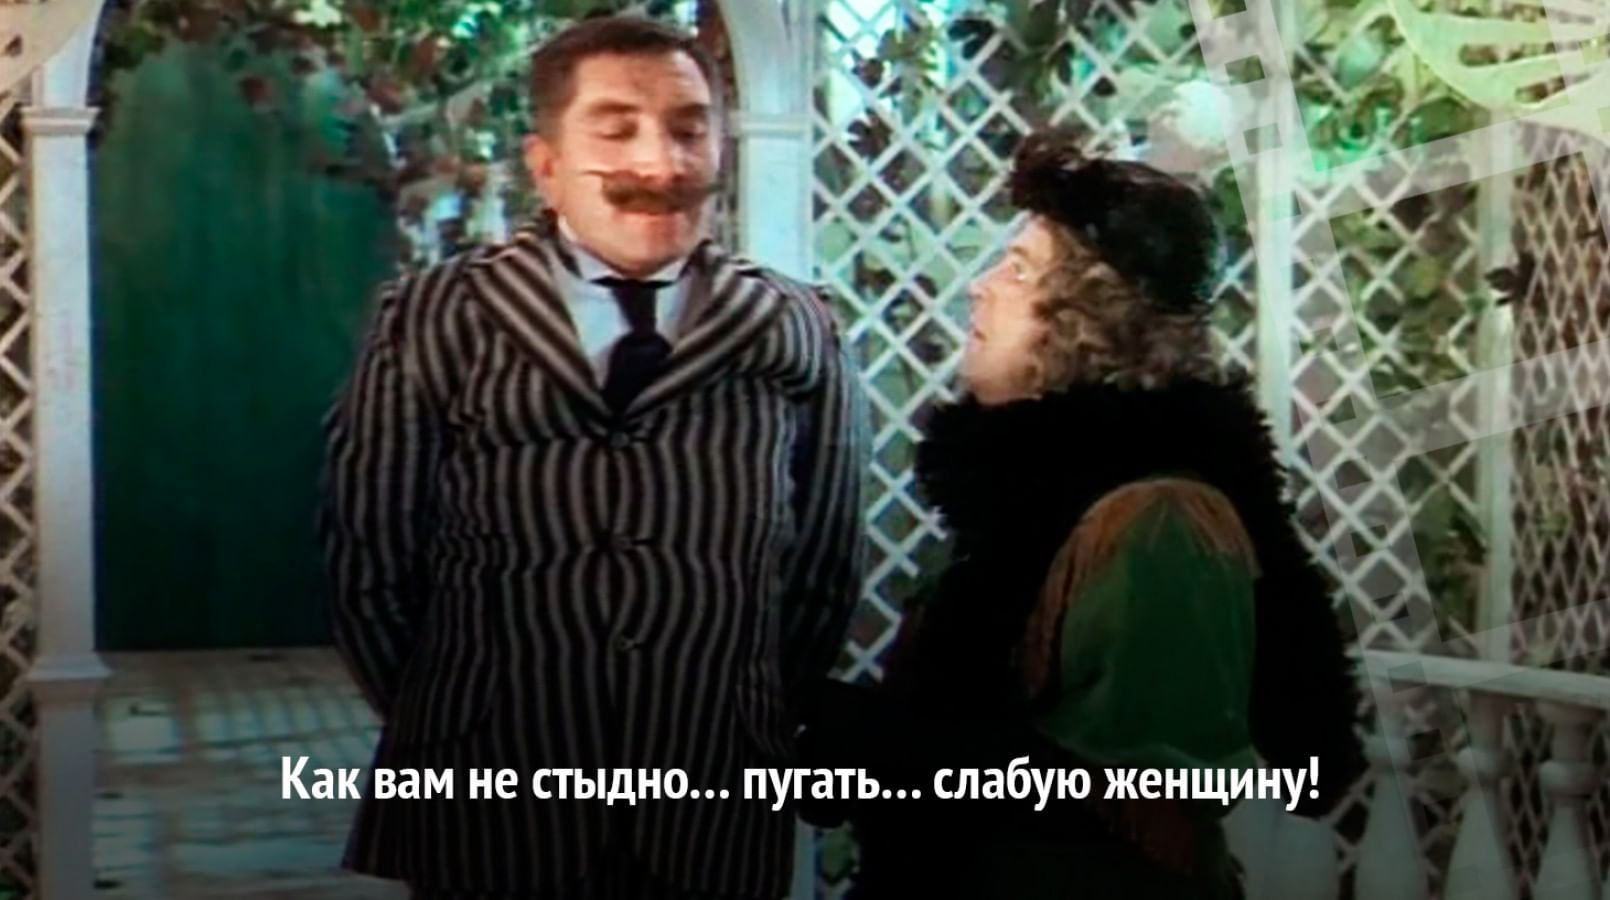 Бабс Баберлей в фильме «Здравствуйте, я ваша тетя!» выдавал себя за другого человека. Более того — за женщину!